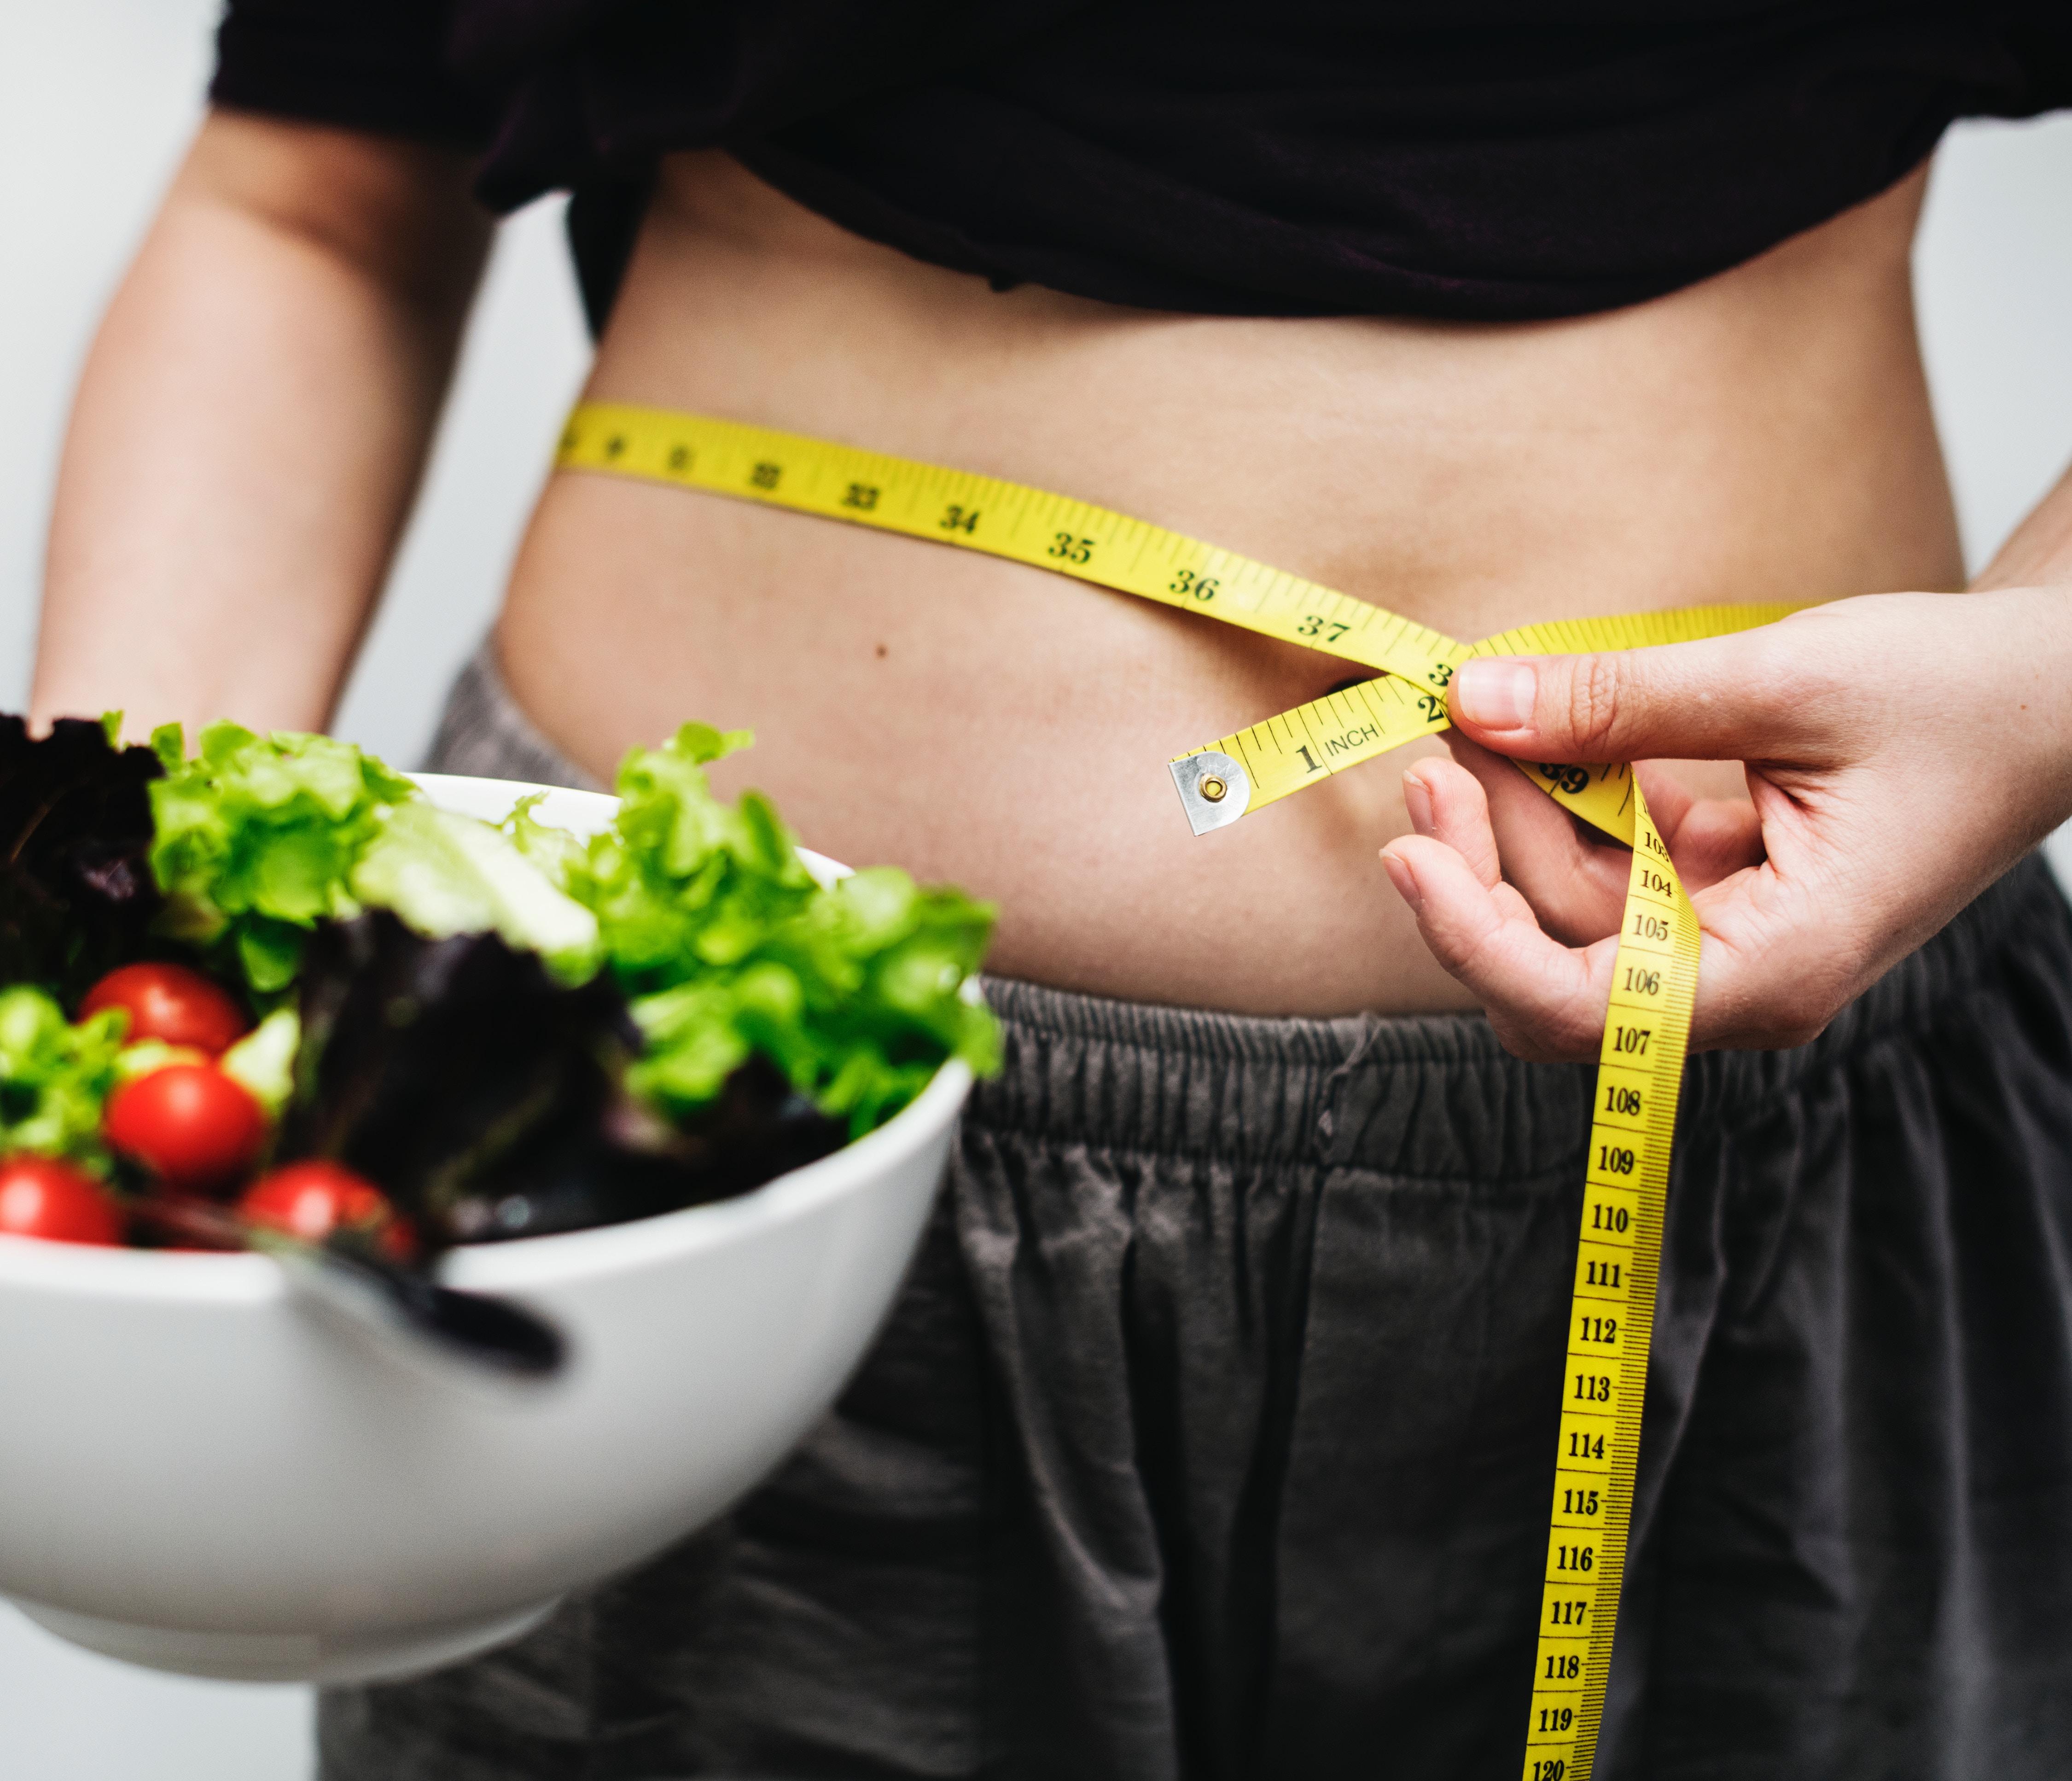 El mejorar tu alimentación te ayuda a cumplir tus objetivos y mantenerte sana.